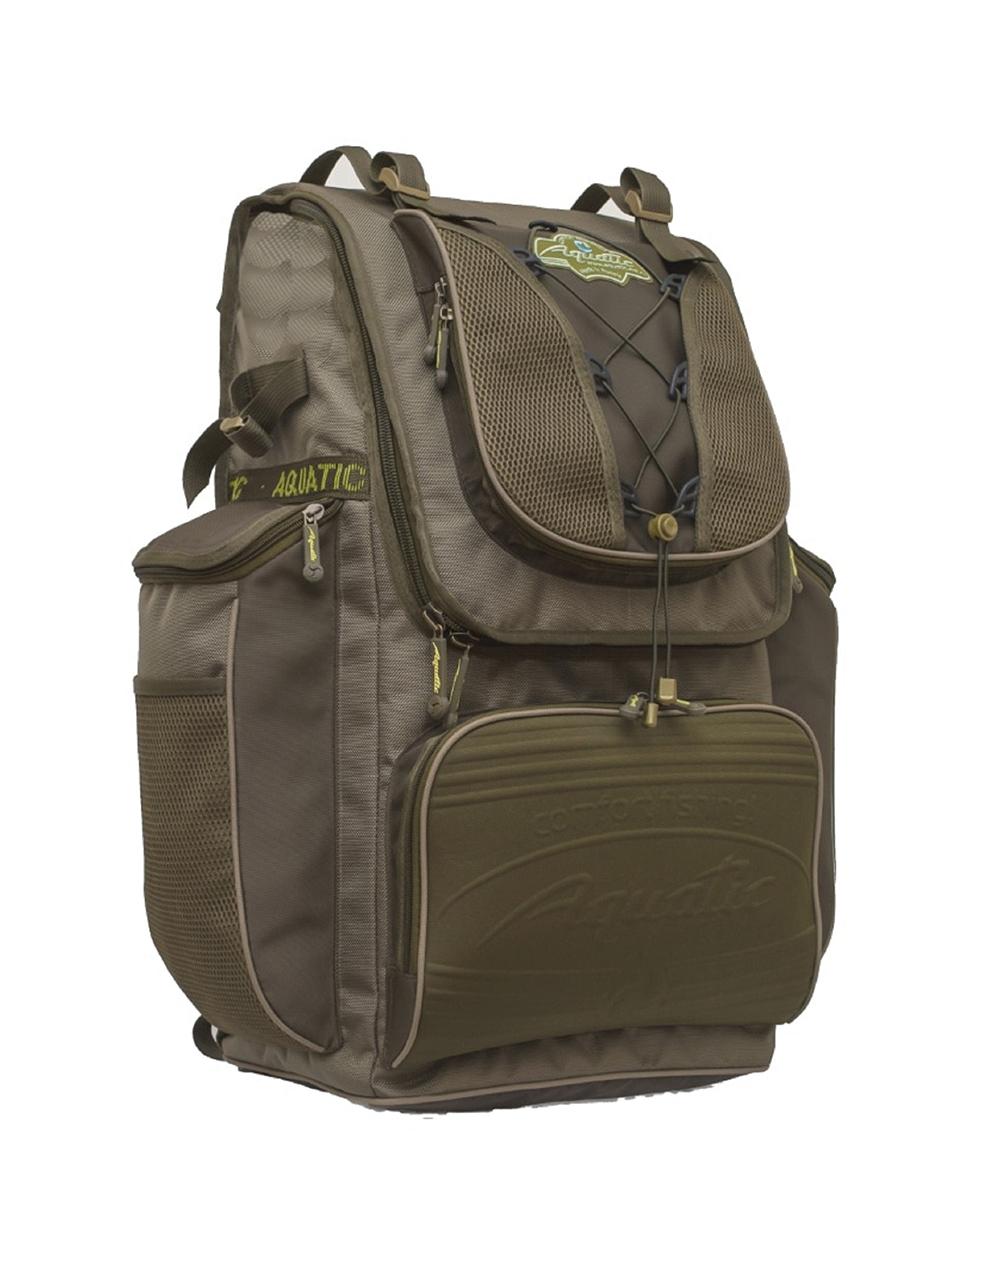 Рюкзак рыболовный Aquatic Р-65 коричневый 65 л фото